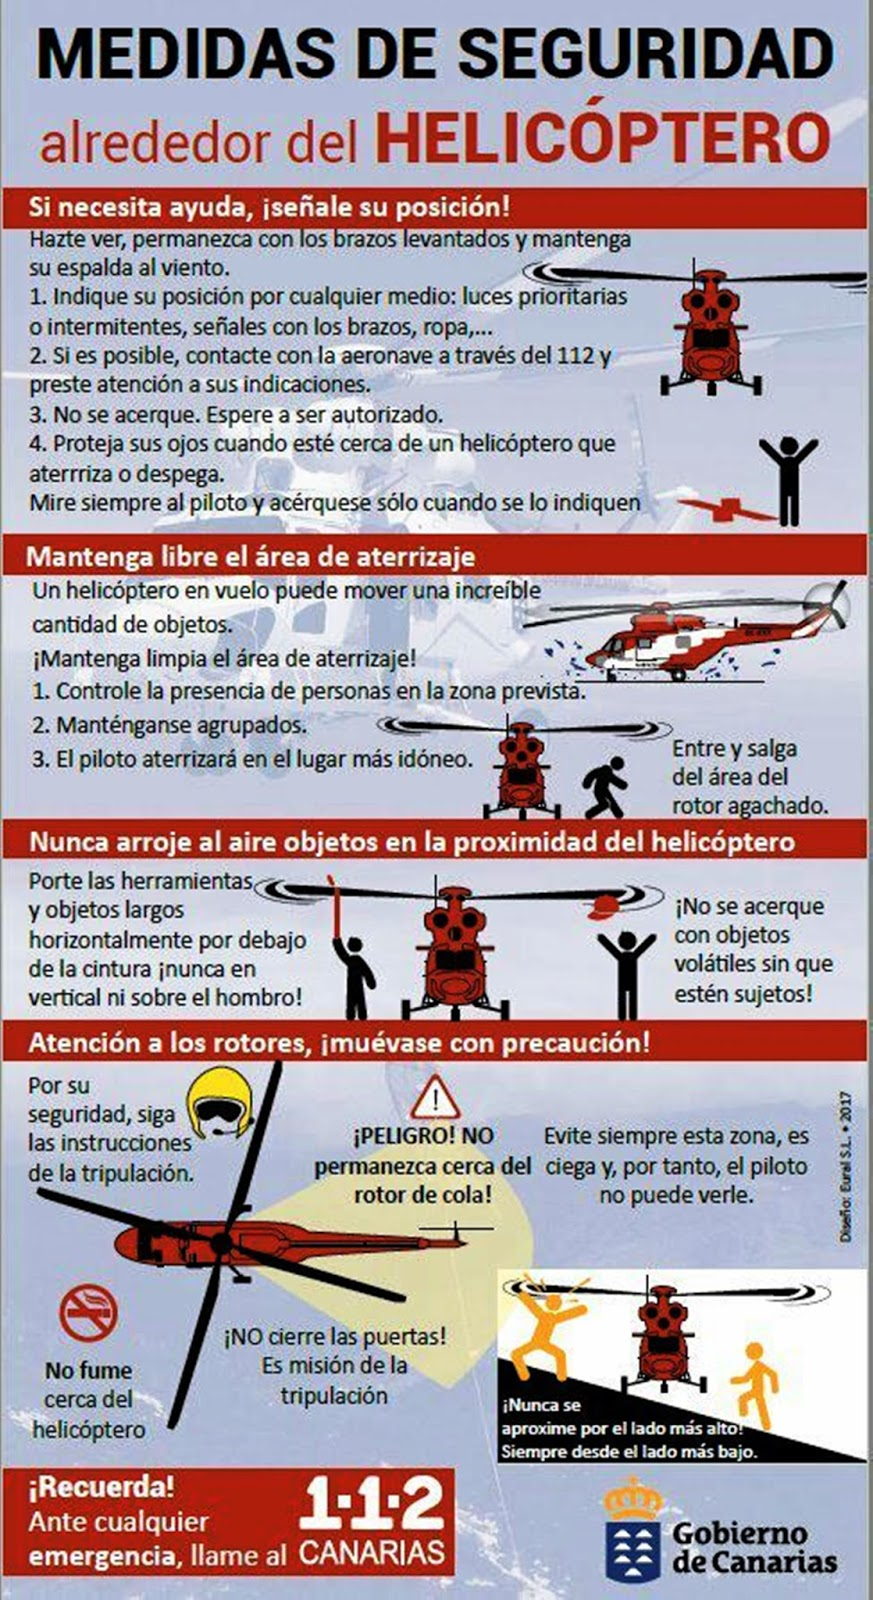 Zonas Restringidas y Peligrosas en Transporte Sanitario Aereo.  HELISUPERFICIES